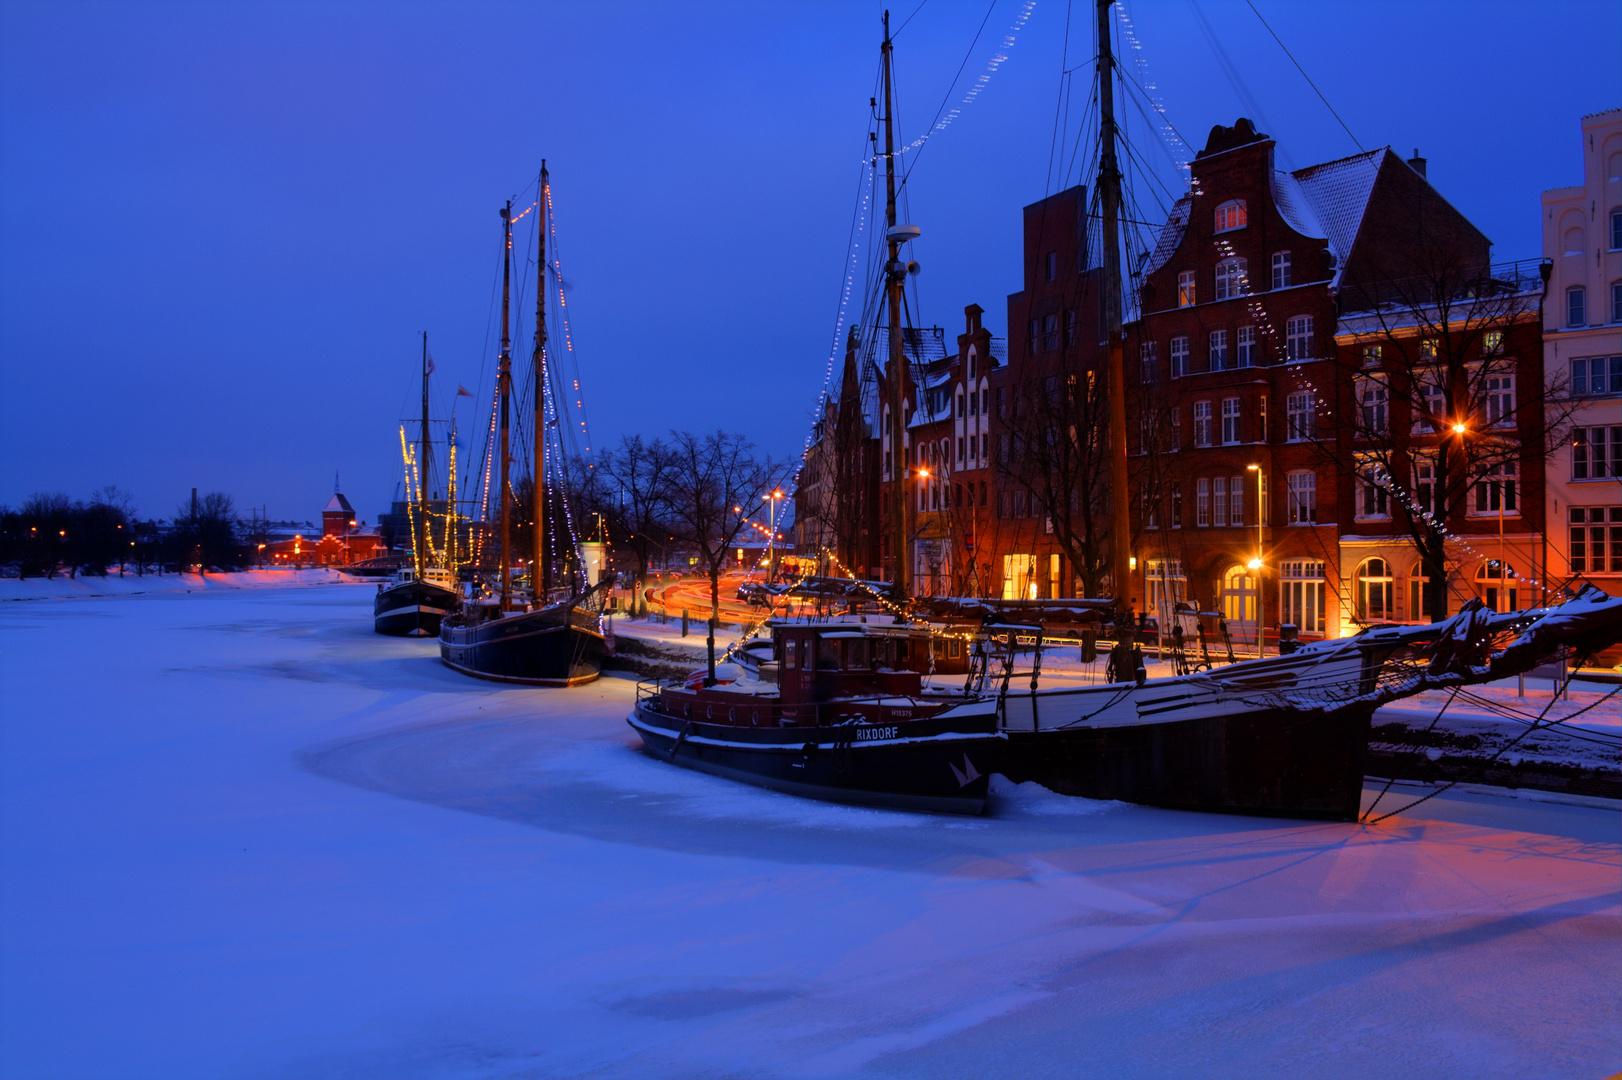 Lübeck Untertrave Winter 2010